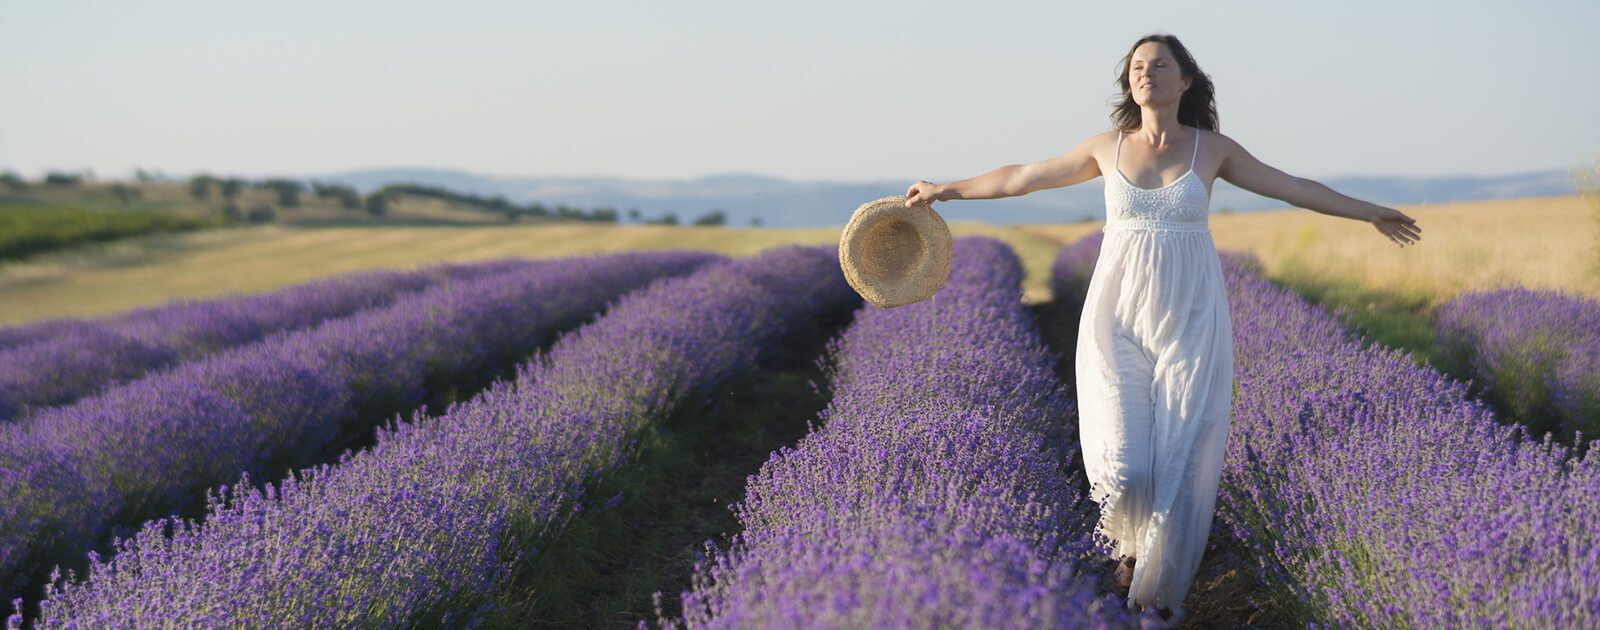 Geruchssinn und Geschmackssinn testen. Frau spaziert durch ein Lavendelfeld.